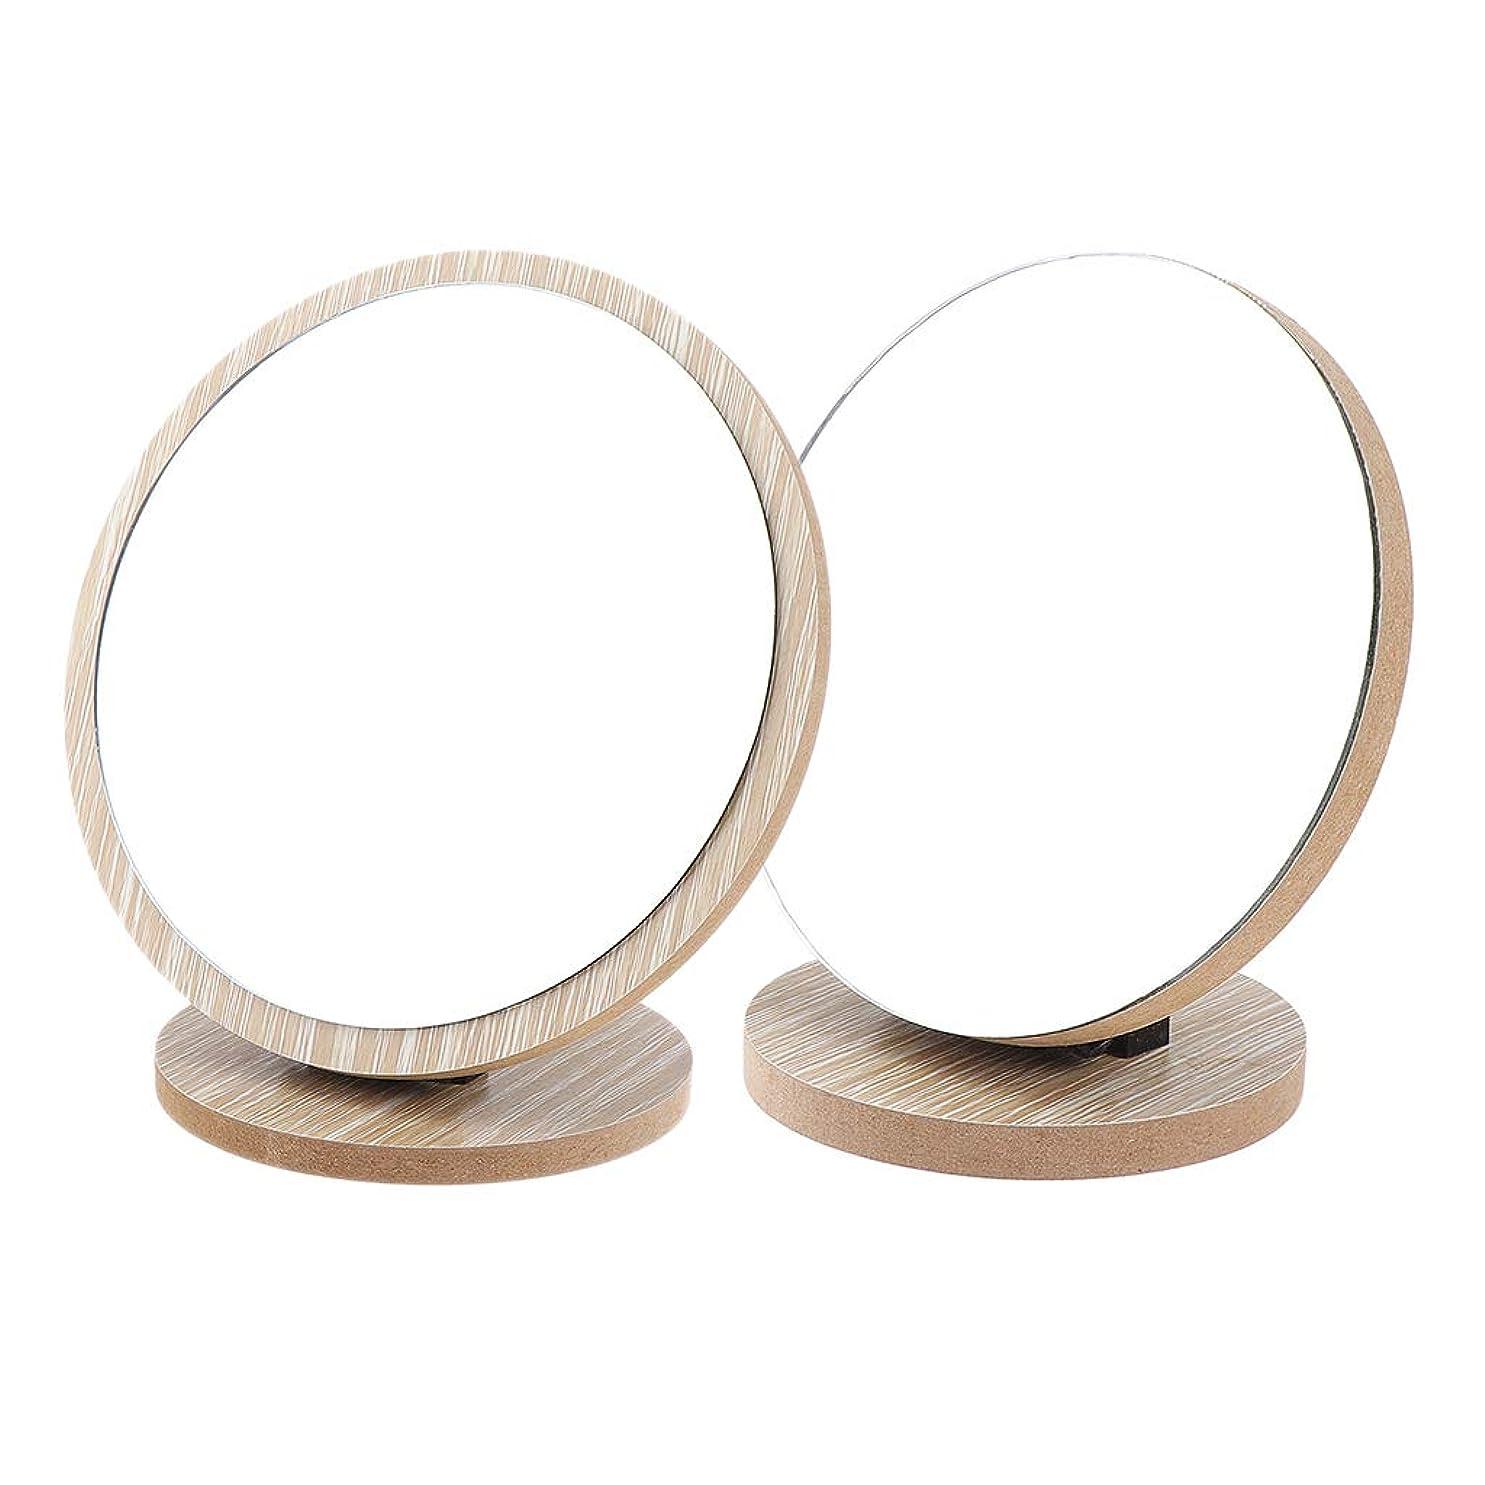 富倍増分析するP Prettyia 2個 メイクアップミラー 木製ベース ラウンド メイク用 鏡